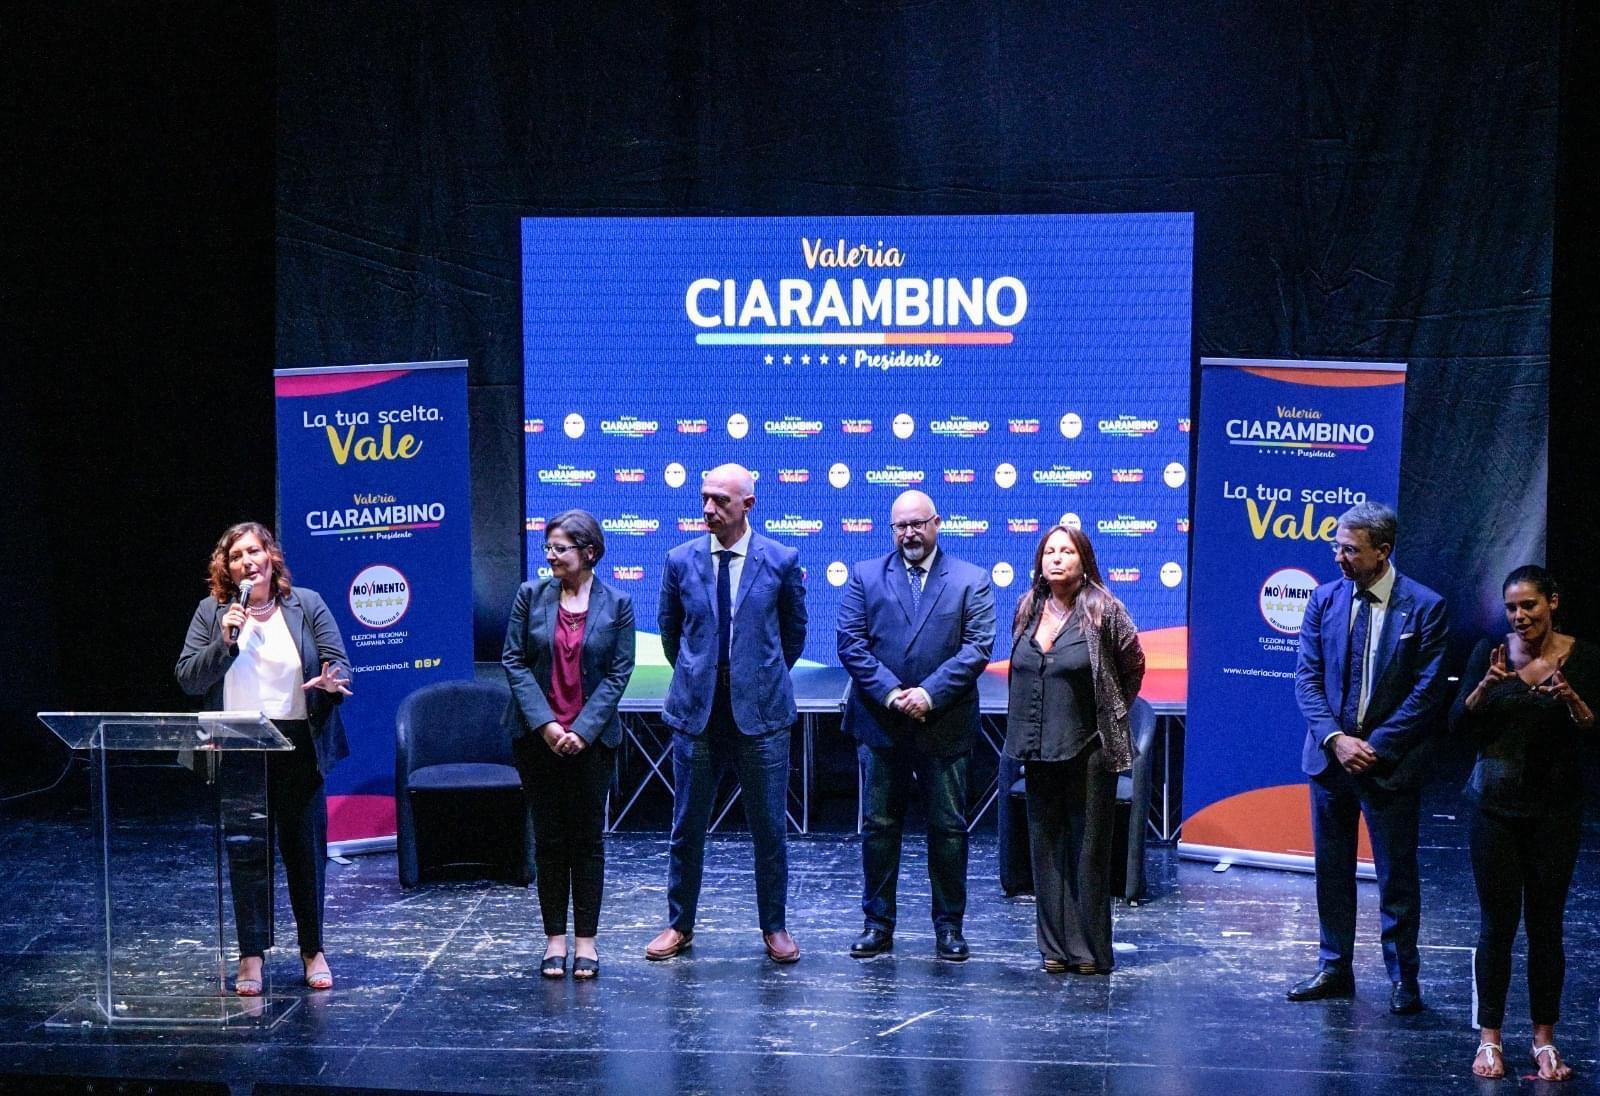 Avellino  Regionali, Ciarambino presenta i candidati irpini con Sibilia e i deputati del M5S